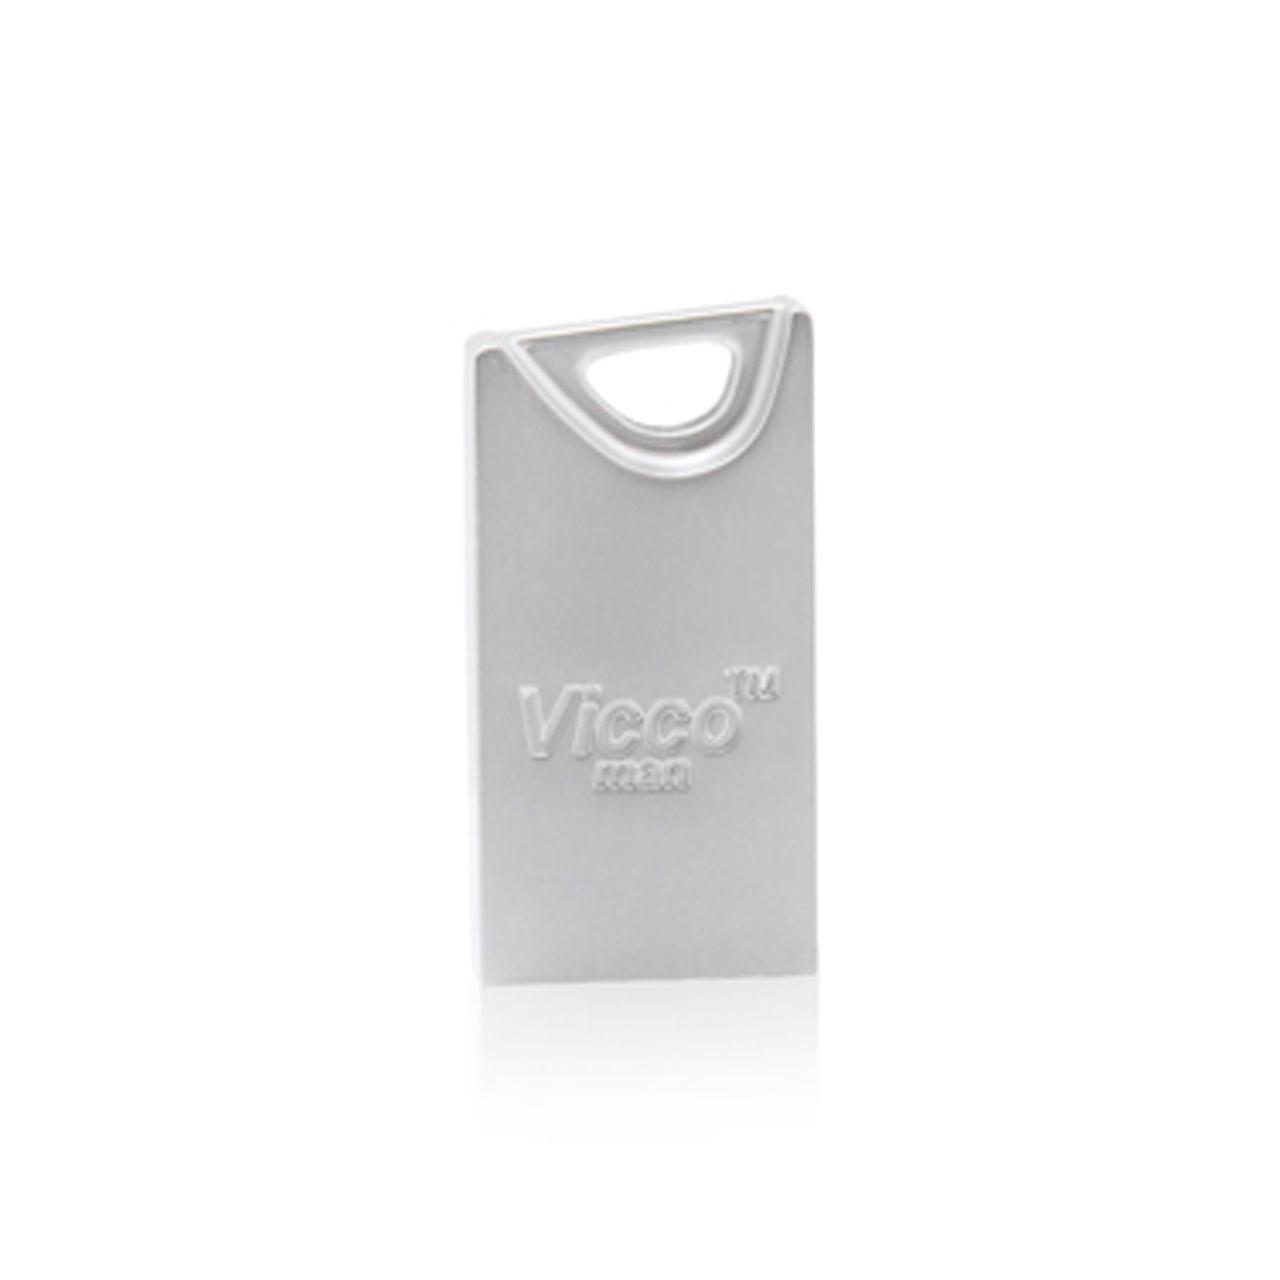 فلش مموری ویکو من مدل  VC264 silver  با ظرفیت 8 گیگابایت